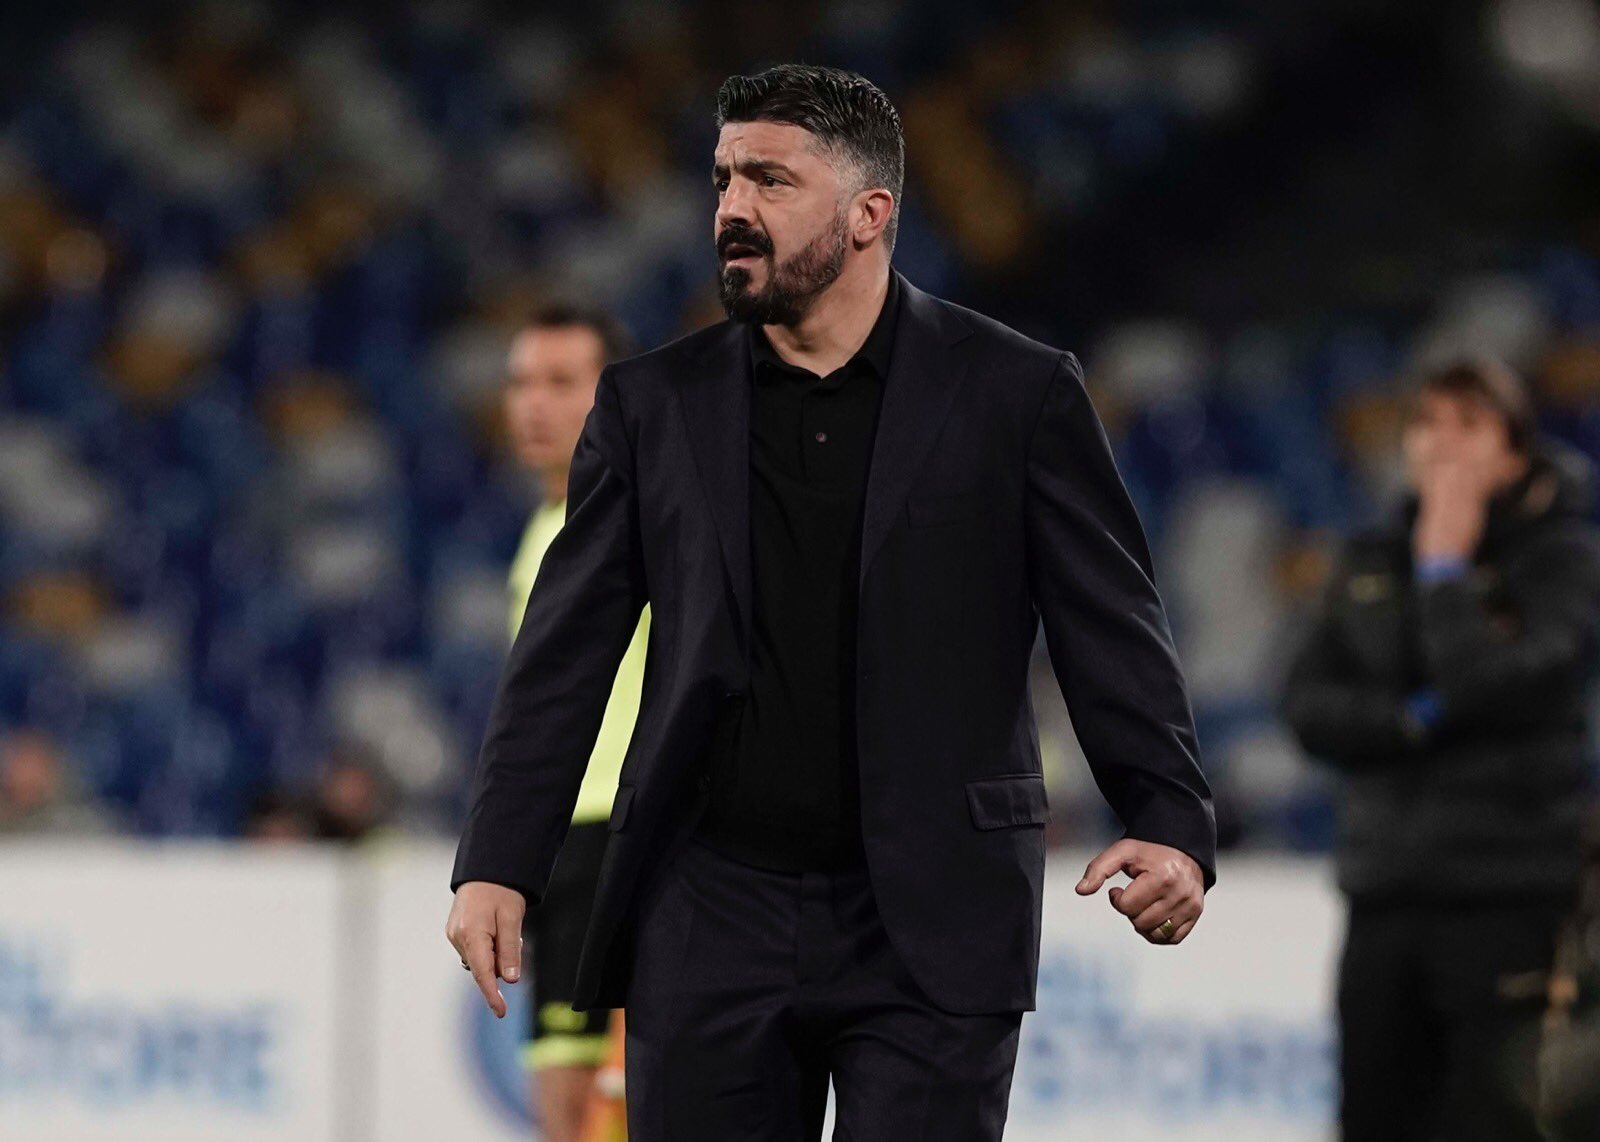 Il gioco di Gattuso è più adatto al Napoli, ma il calcio pensante era quello di Ancelotti